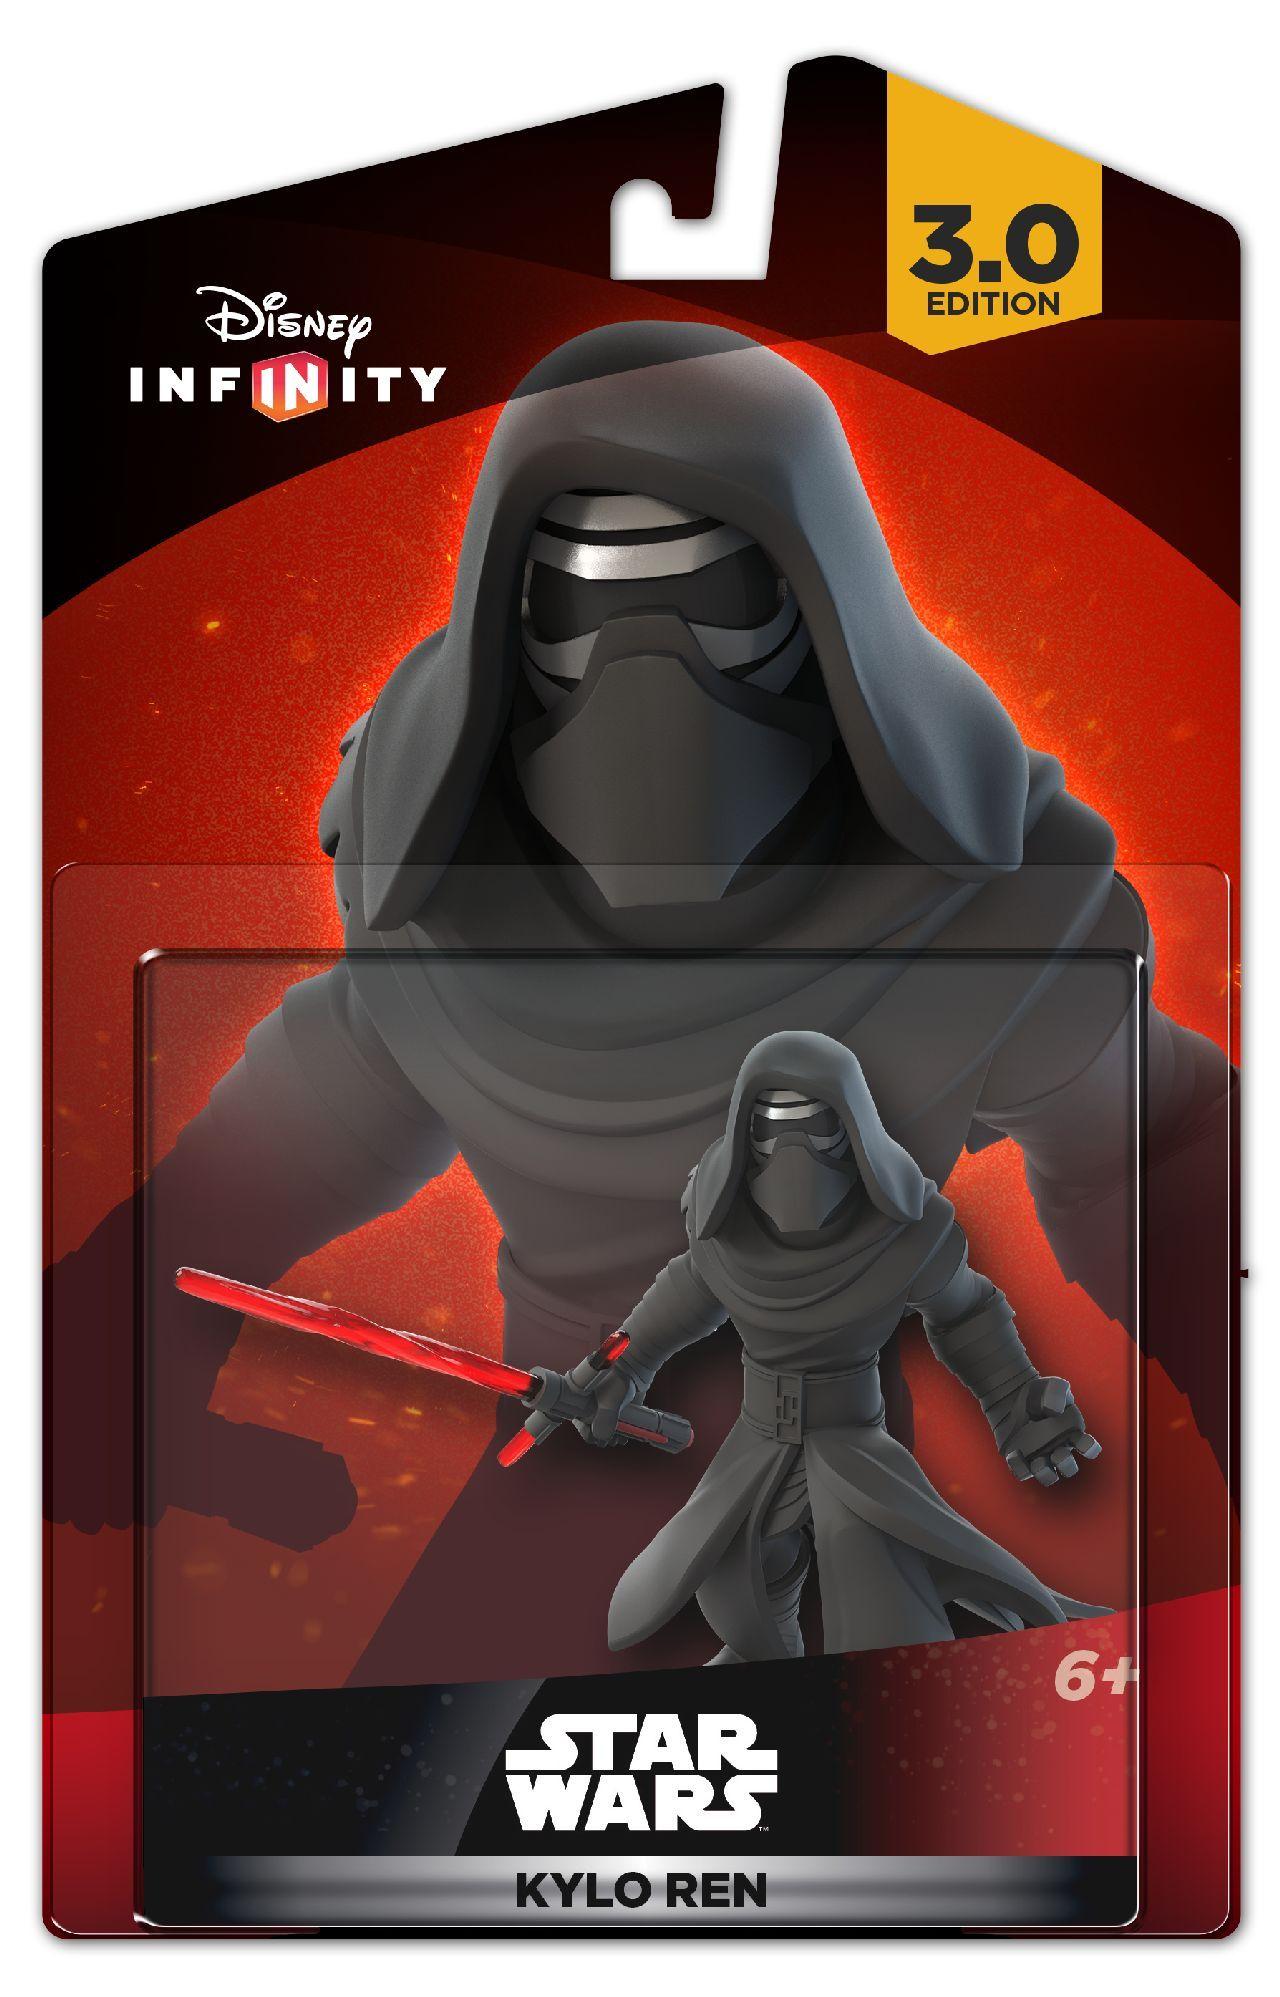 Disney Infinity 3.0 Tron Sam Flynn Web Code Card